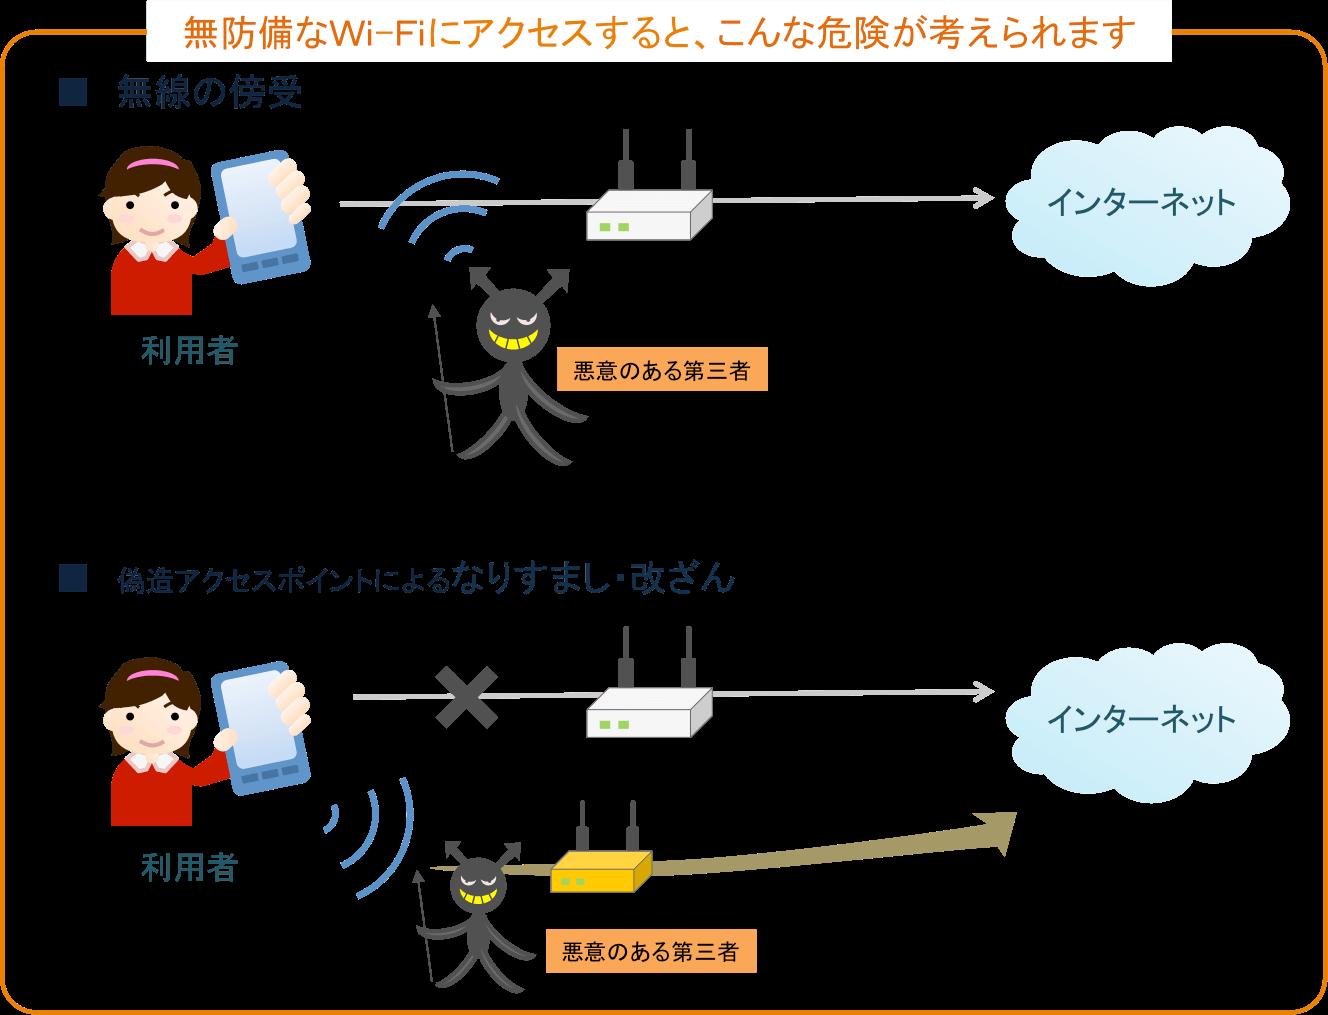 00000japanファイブゼロジャパン無防備Wi-Fiアクセス